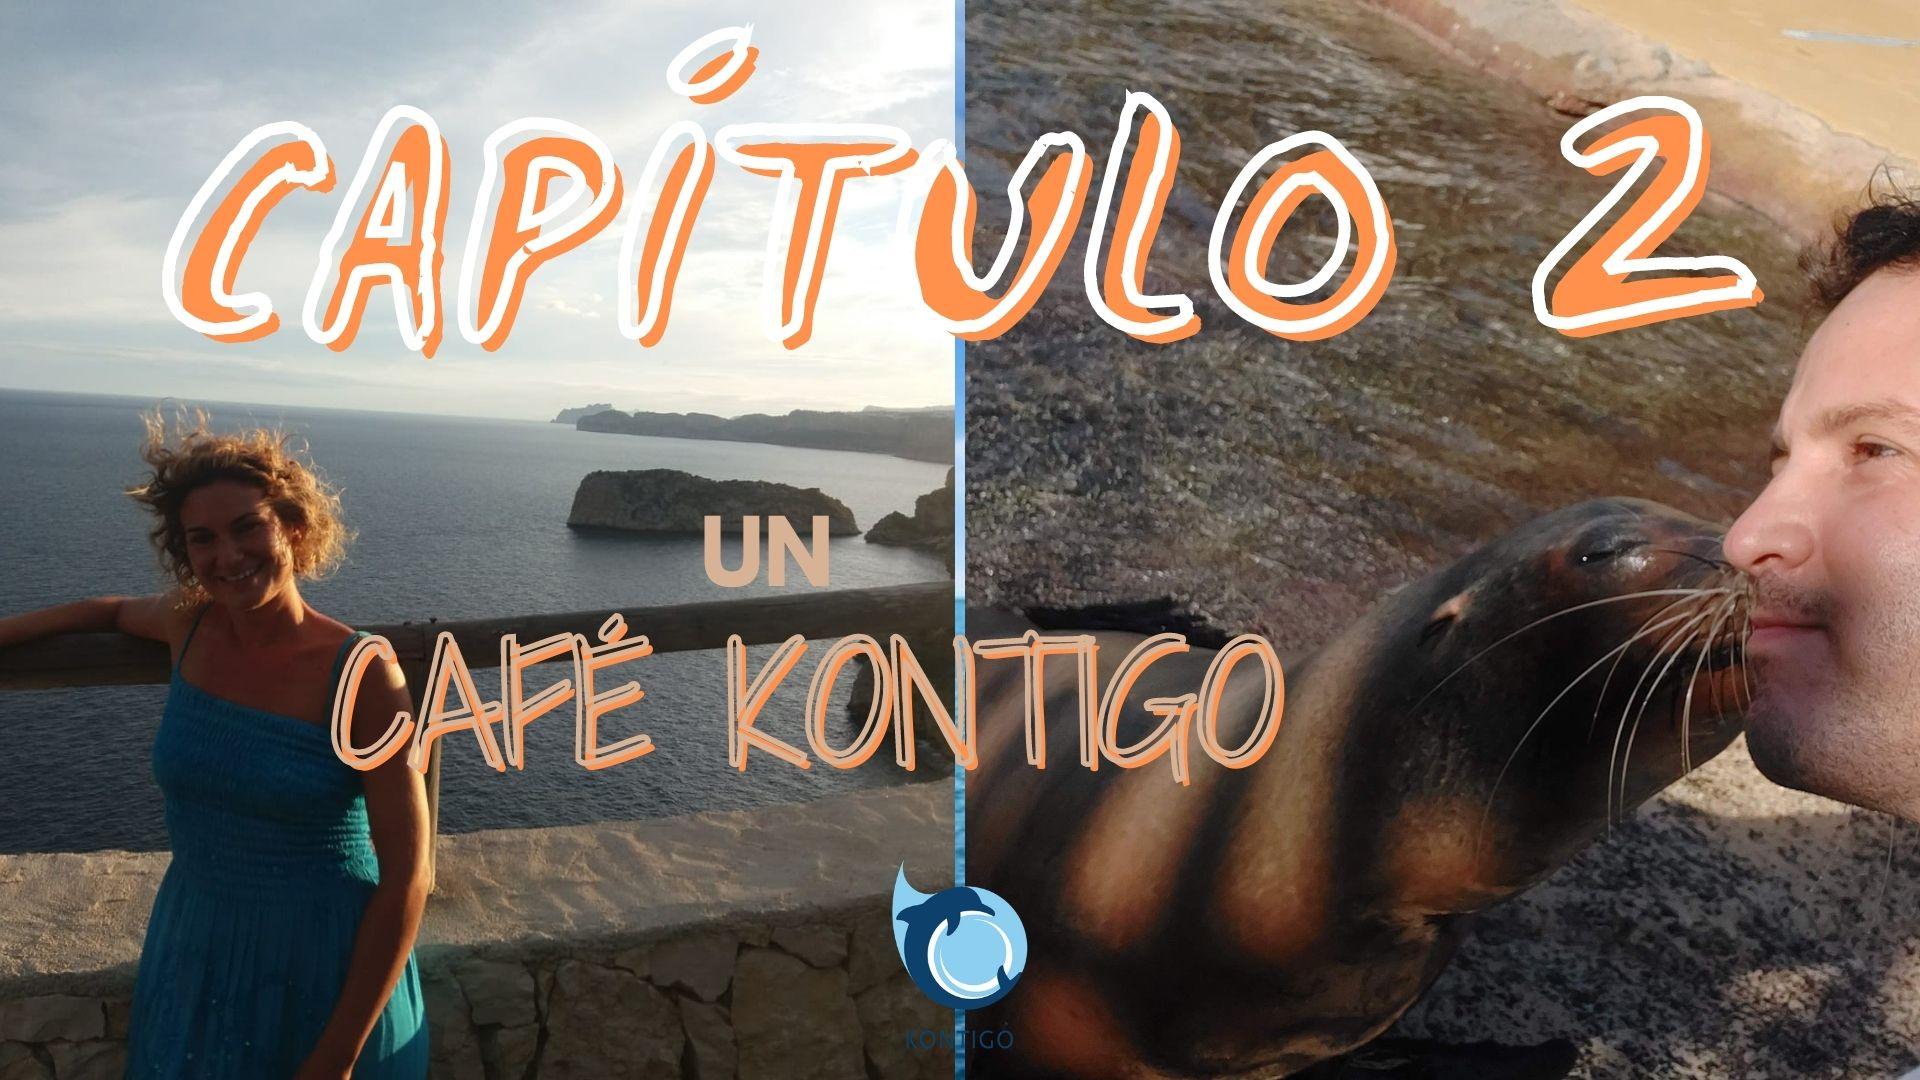 CAFÉ KONTIGO 02: TRABAJAR CON ANIMALES, ORCAS Y SU CAZA, HABILIDADES COGNITIVAS  Y COMUNICACIÓN EN EL TRABAJO